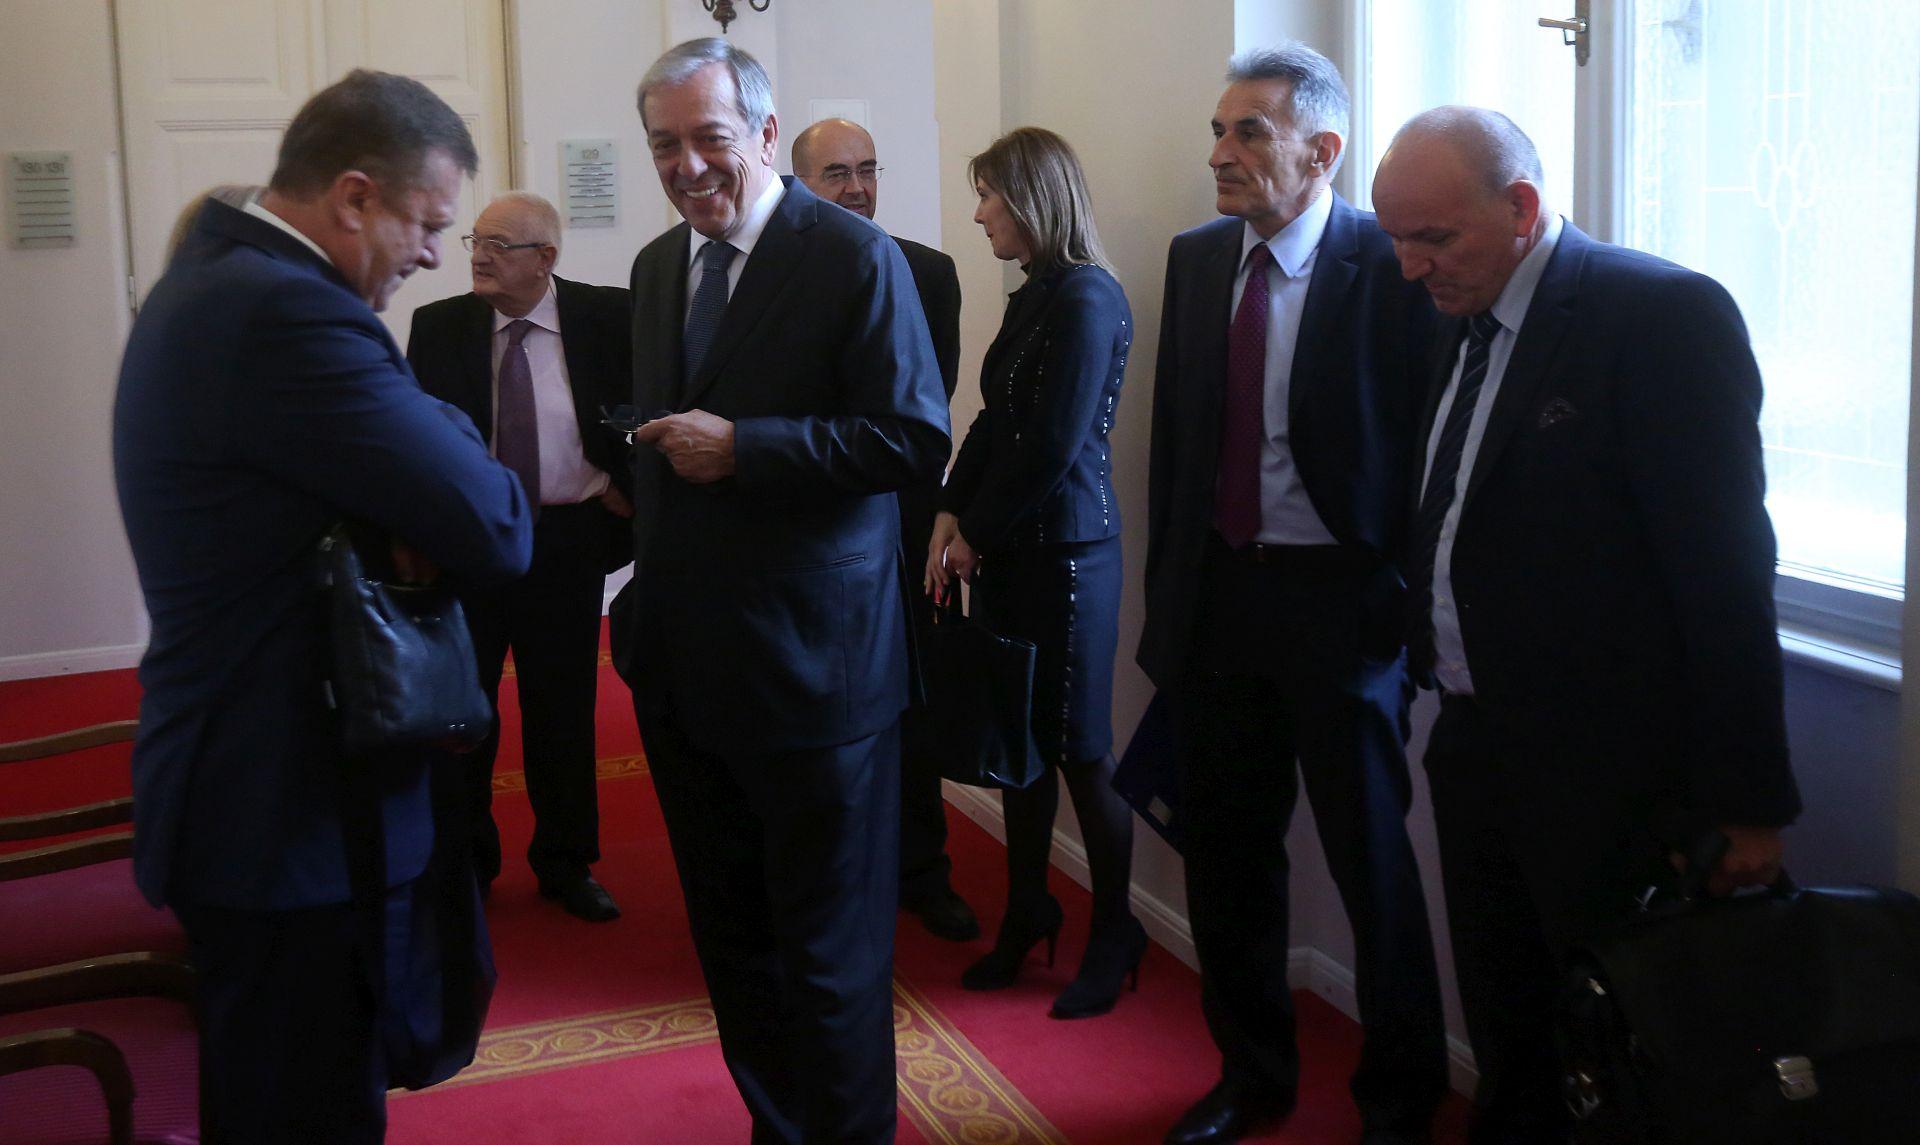 POSLJEDNJA SKUPINA: Kandidati za ustavne suce čekali dva i pol sata